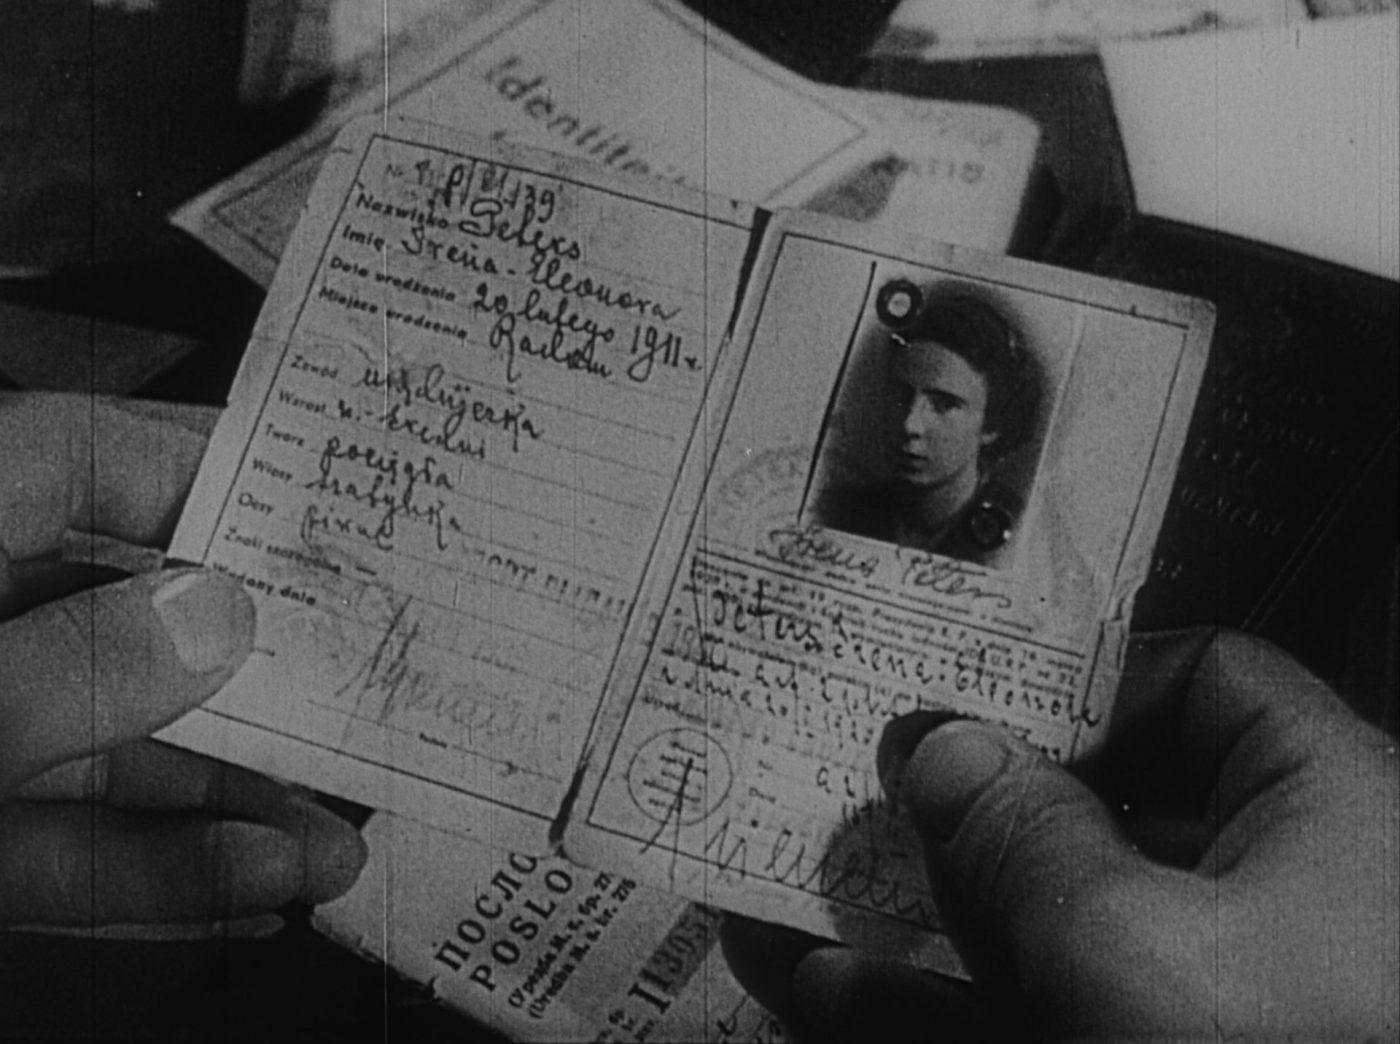 Passeport d'une femme juive assassinée dans le camp de concentration de Majdanek